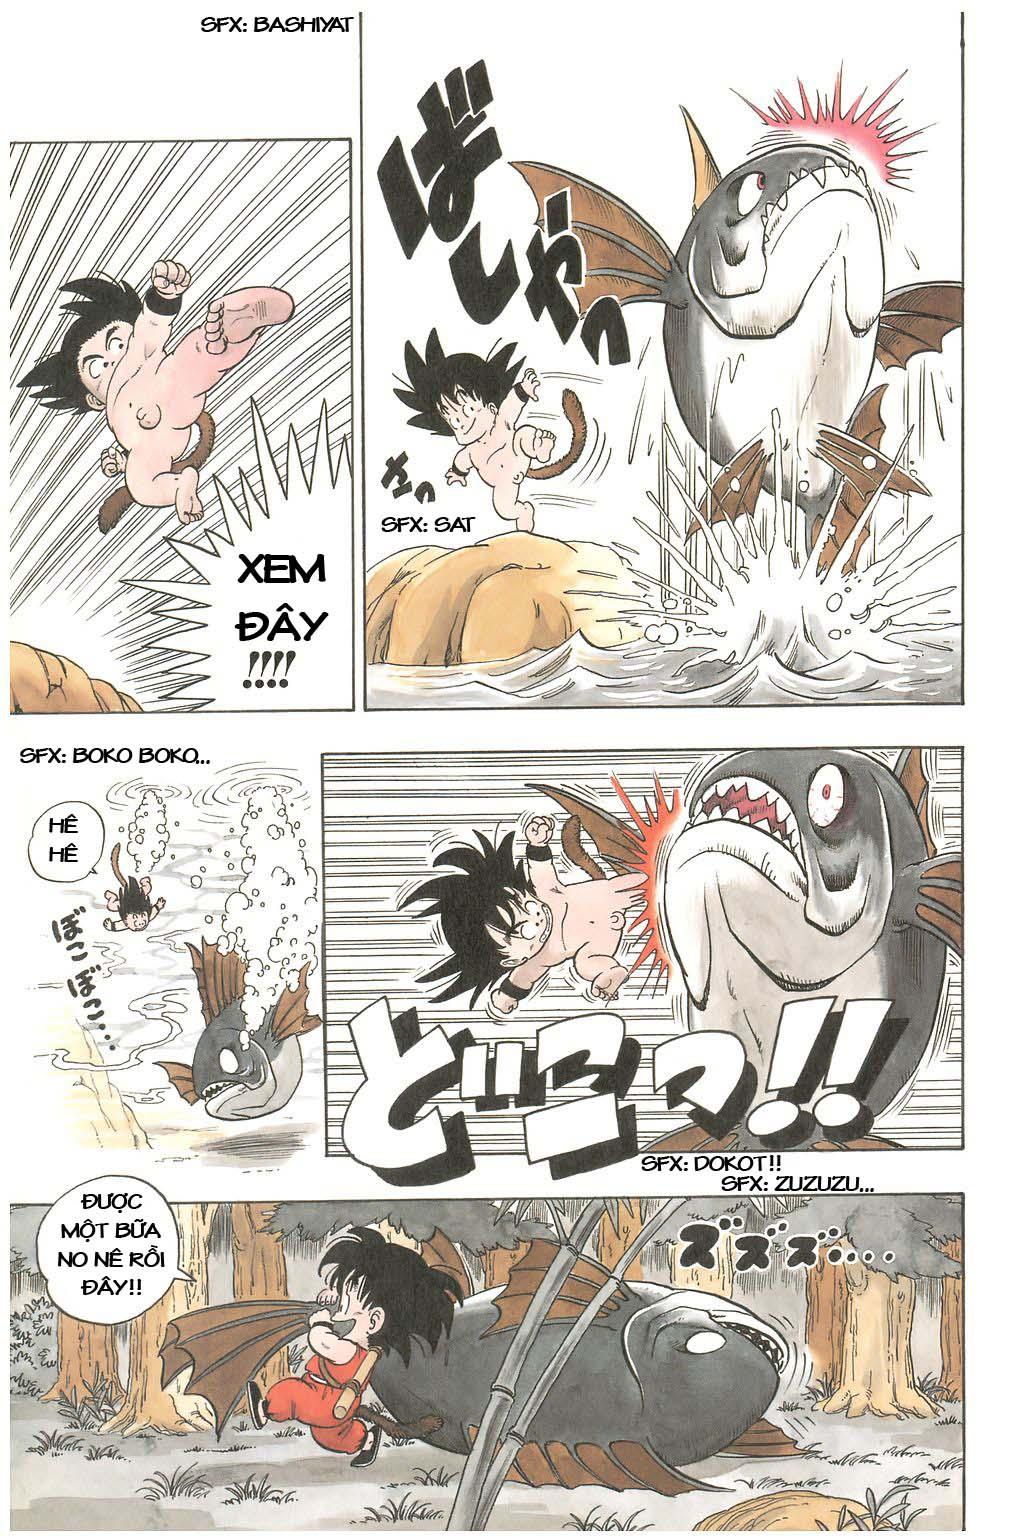 7 Viên Ngọc Rồng - Dragon Ball chap 1 Buruma và Son Gokuu | Truyện tranh  online | truyen tranh hay | đọc truyện tranh hay | truyện đẹp | truyện hot